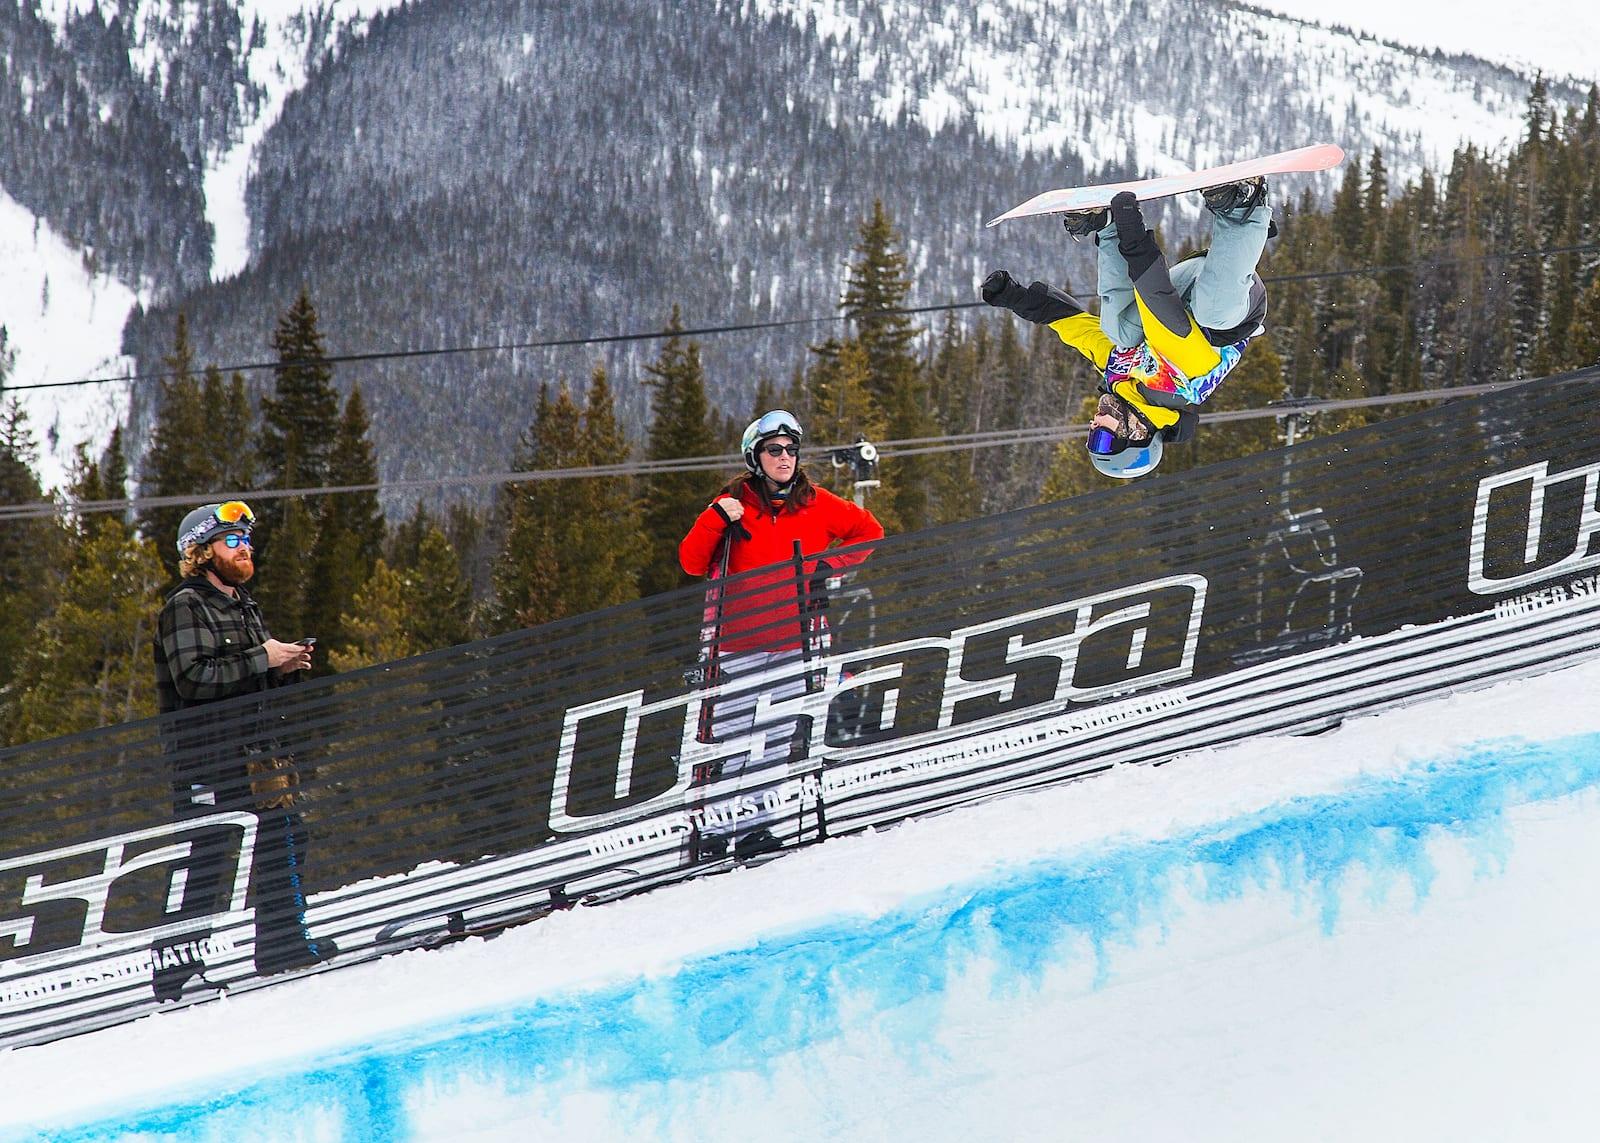 Copper Mountain Snowboarder Halfpipe